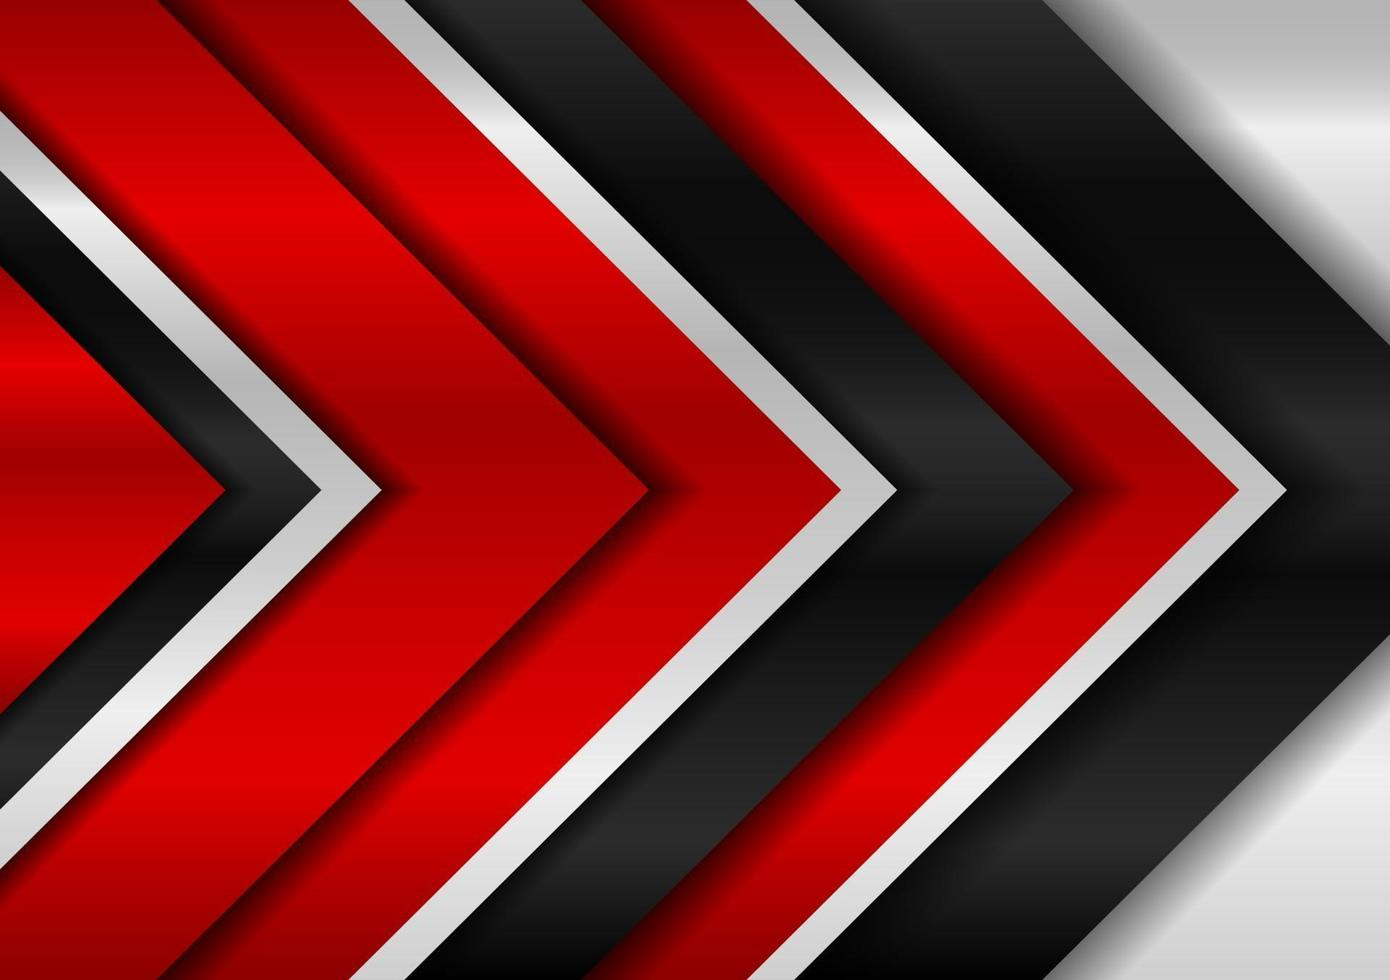 projeto editável abstrato do fundo do metal preto e vermelho vetor